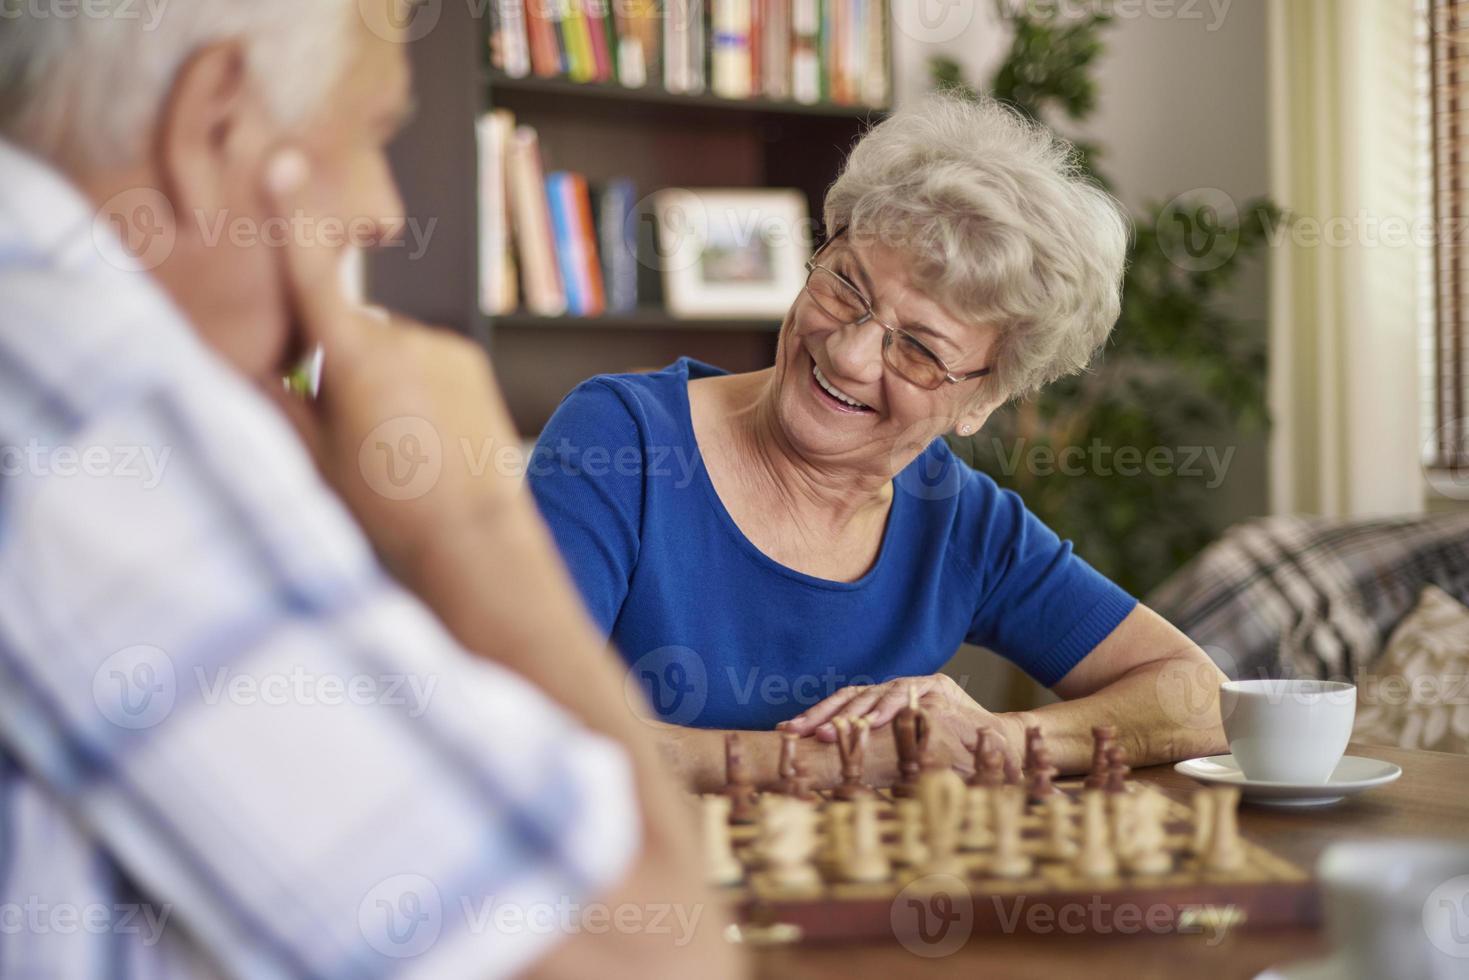 att spela schack är ett bra sätt att koppla av foto